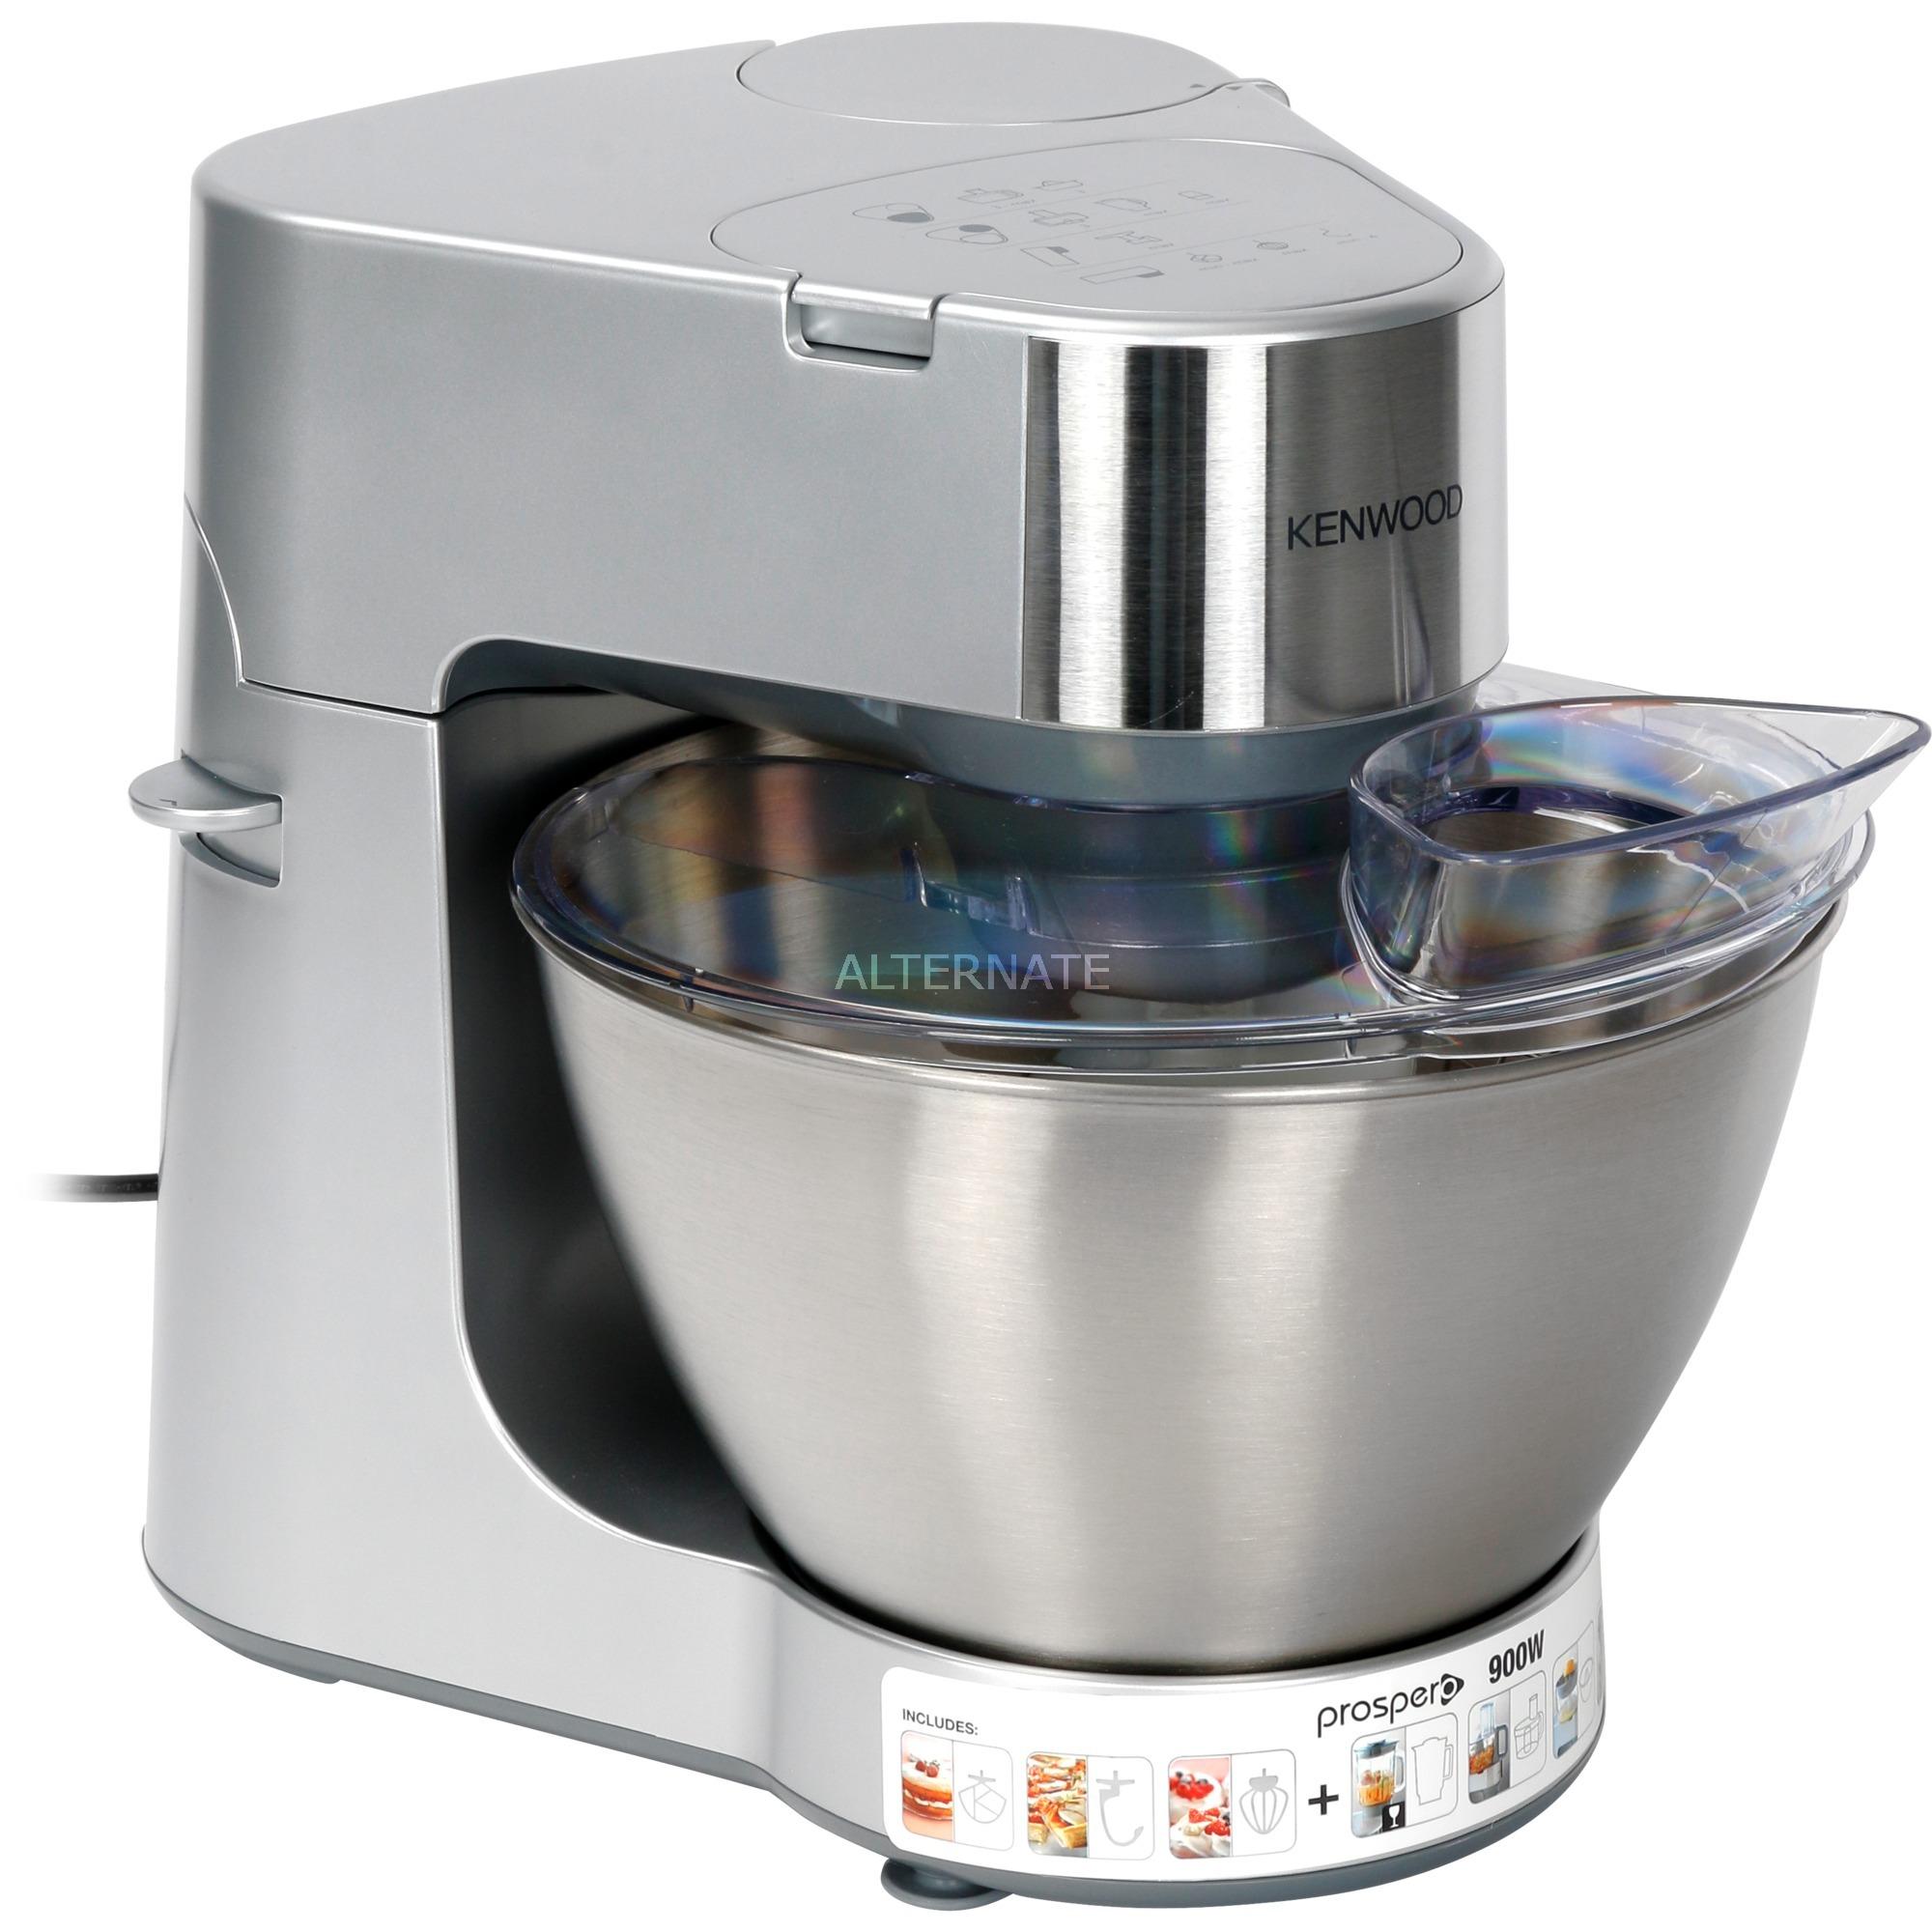 Prospero KM286 robot da cucina 4,3 L Acciaio inossidabile 900 W (argento,  4,3 L, Acciaio inossidabile, Acciaio inossidabile, Plastica, 900 W, 243 mm,  ...